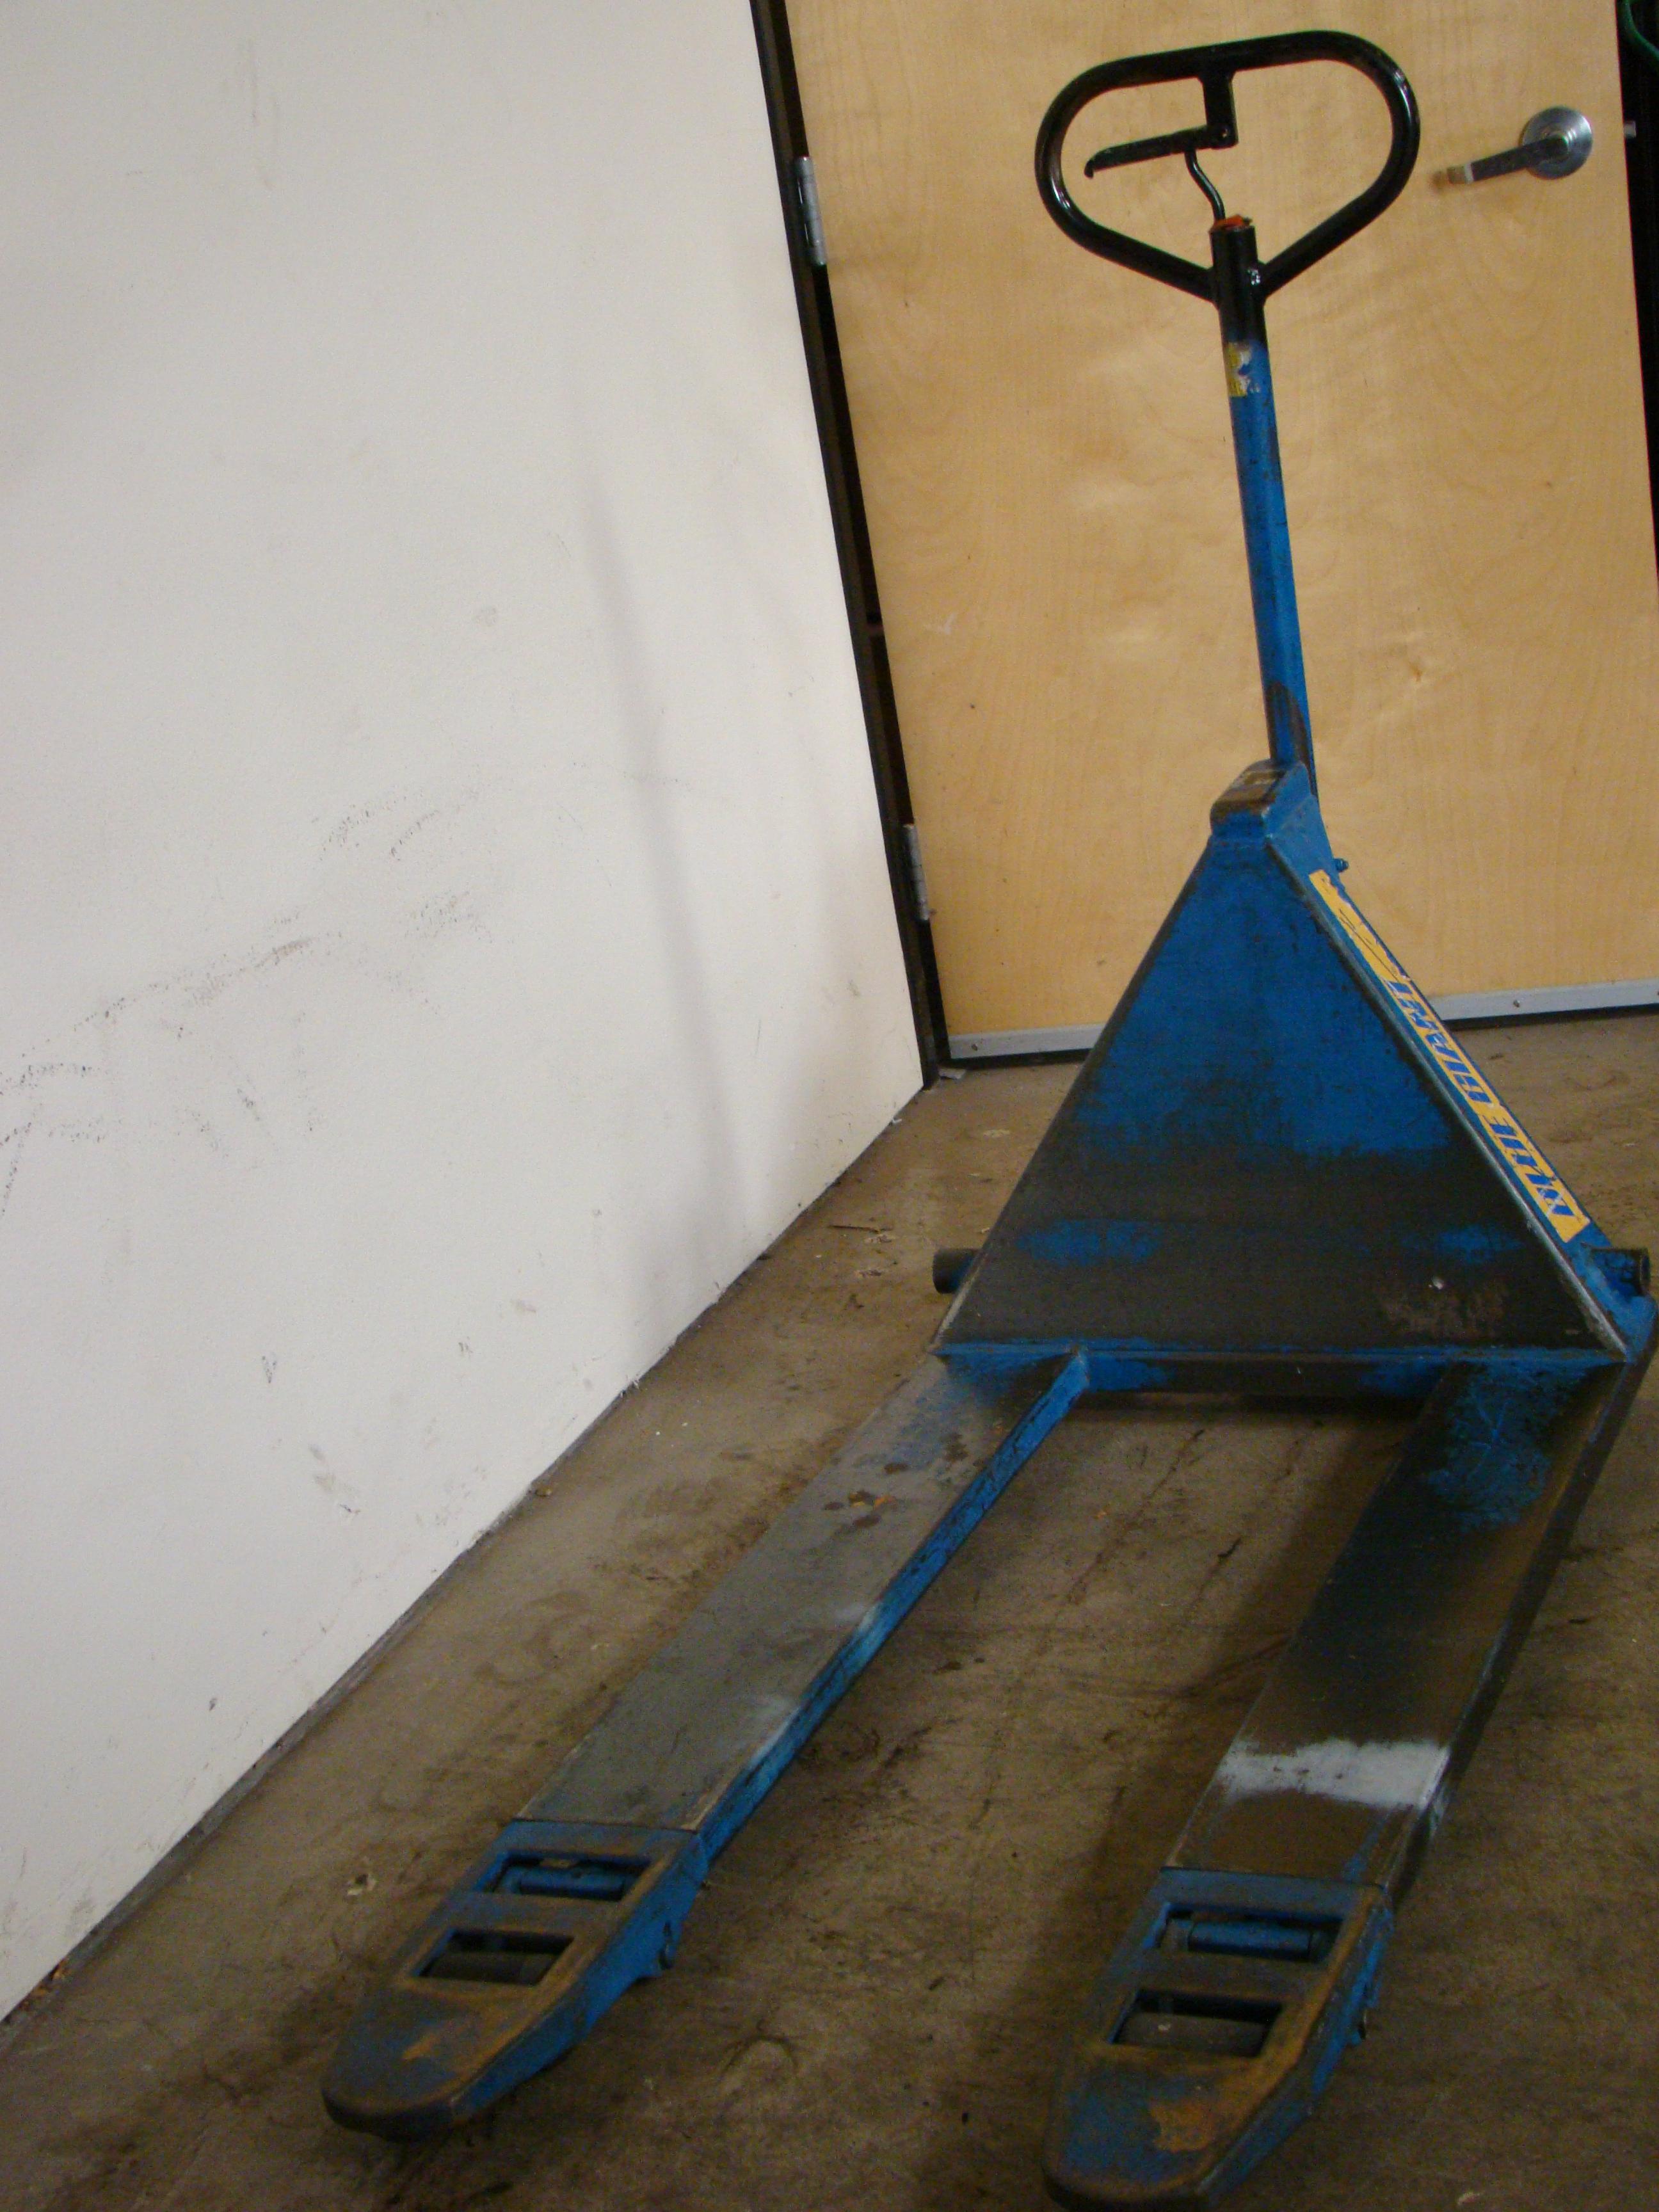 Blue Giant Pallet Jack, Model T50 - Image 2 of 4